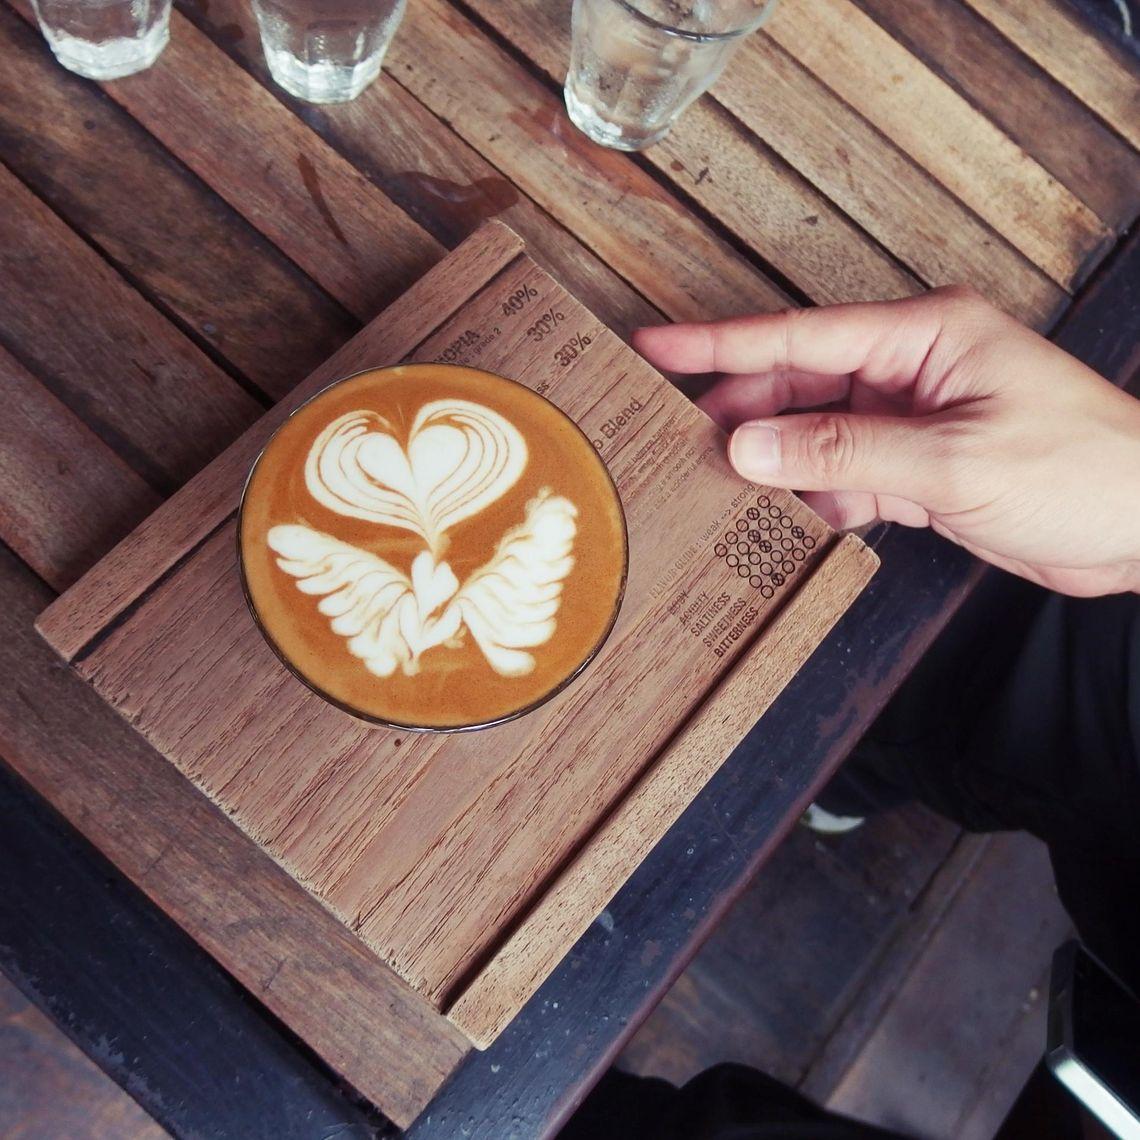 Obrazek - Latte art – sztuka malowania mlekiem po kawie